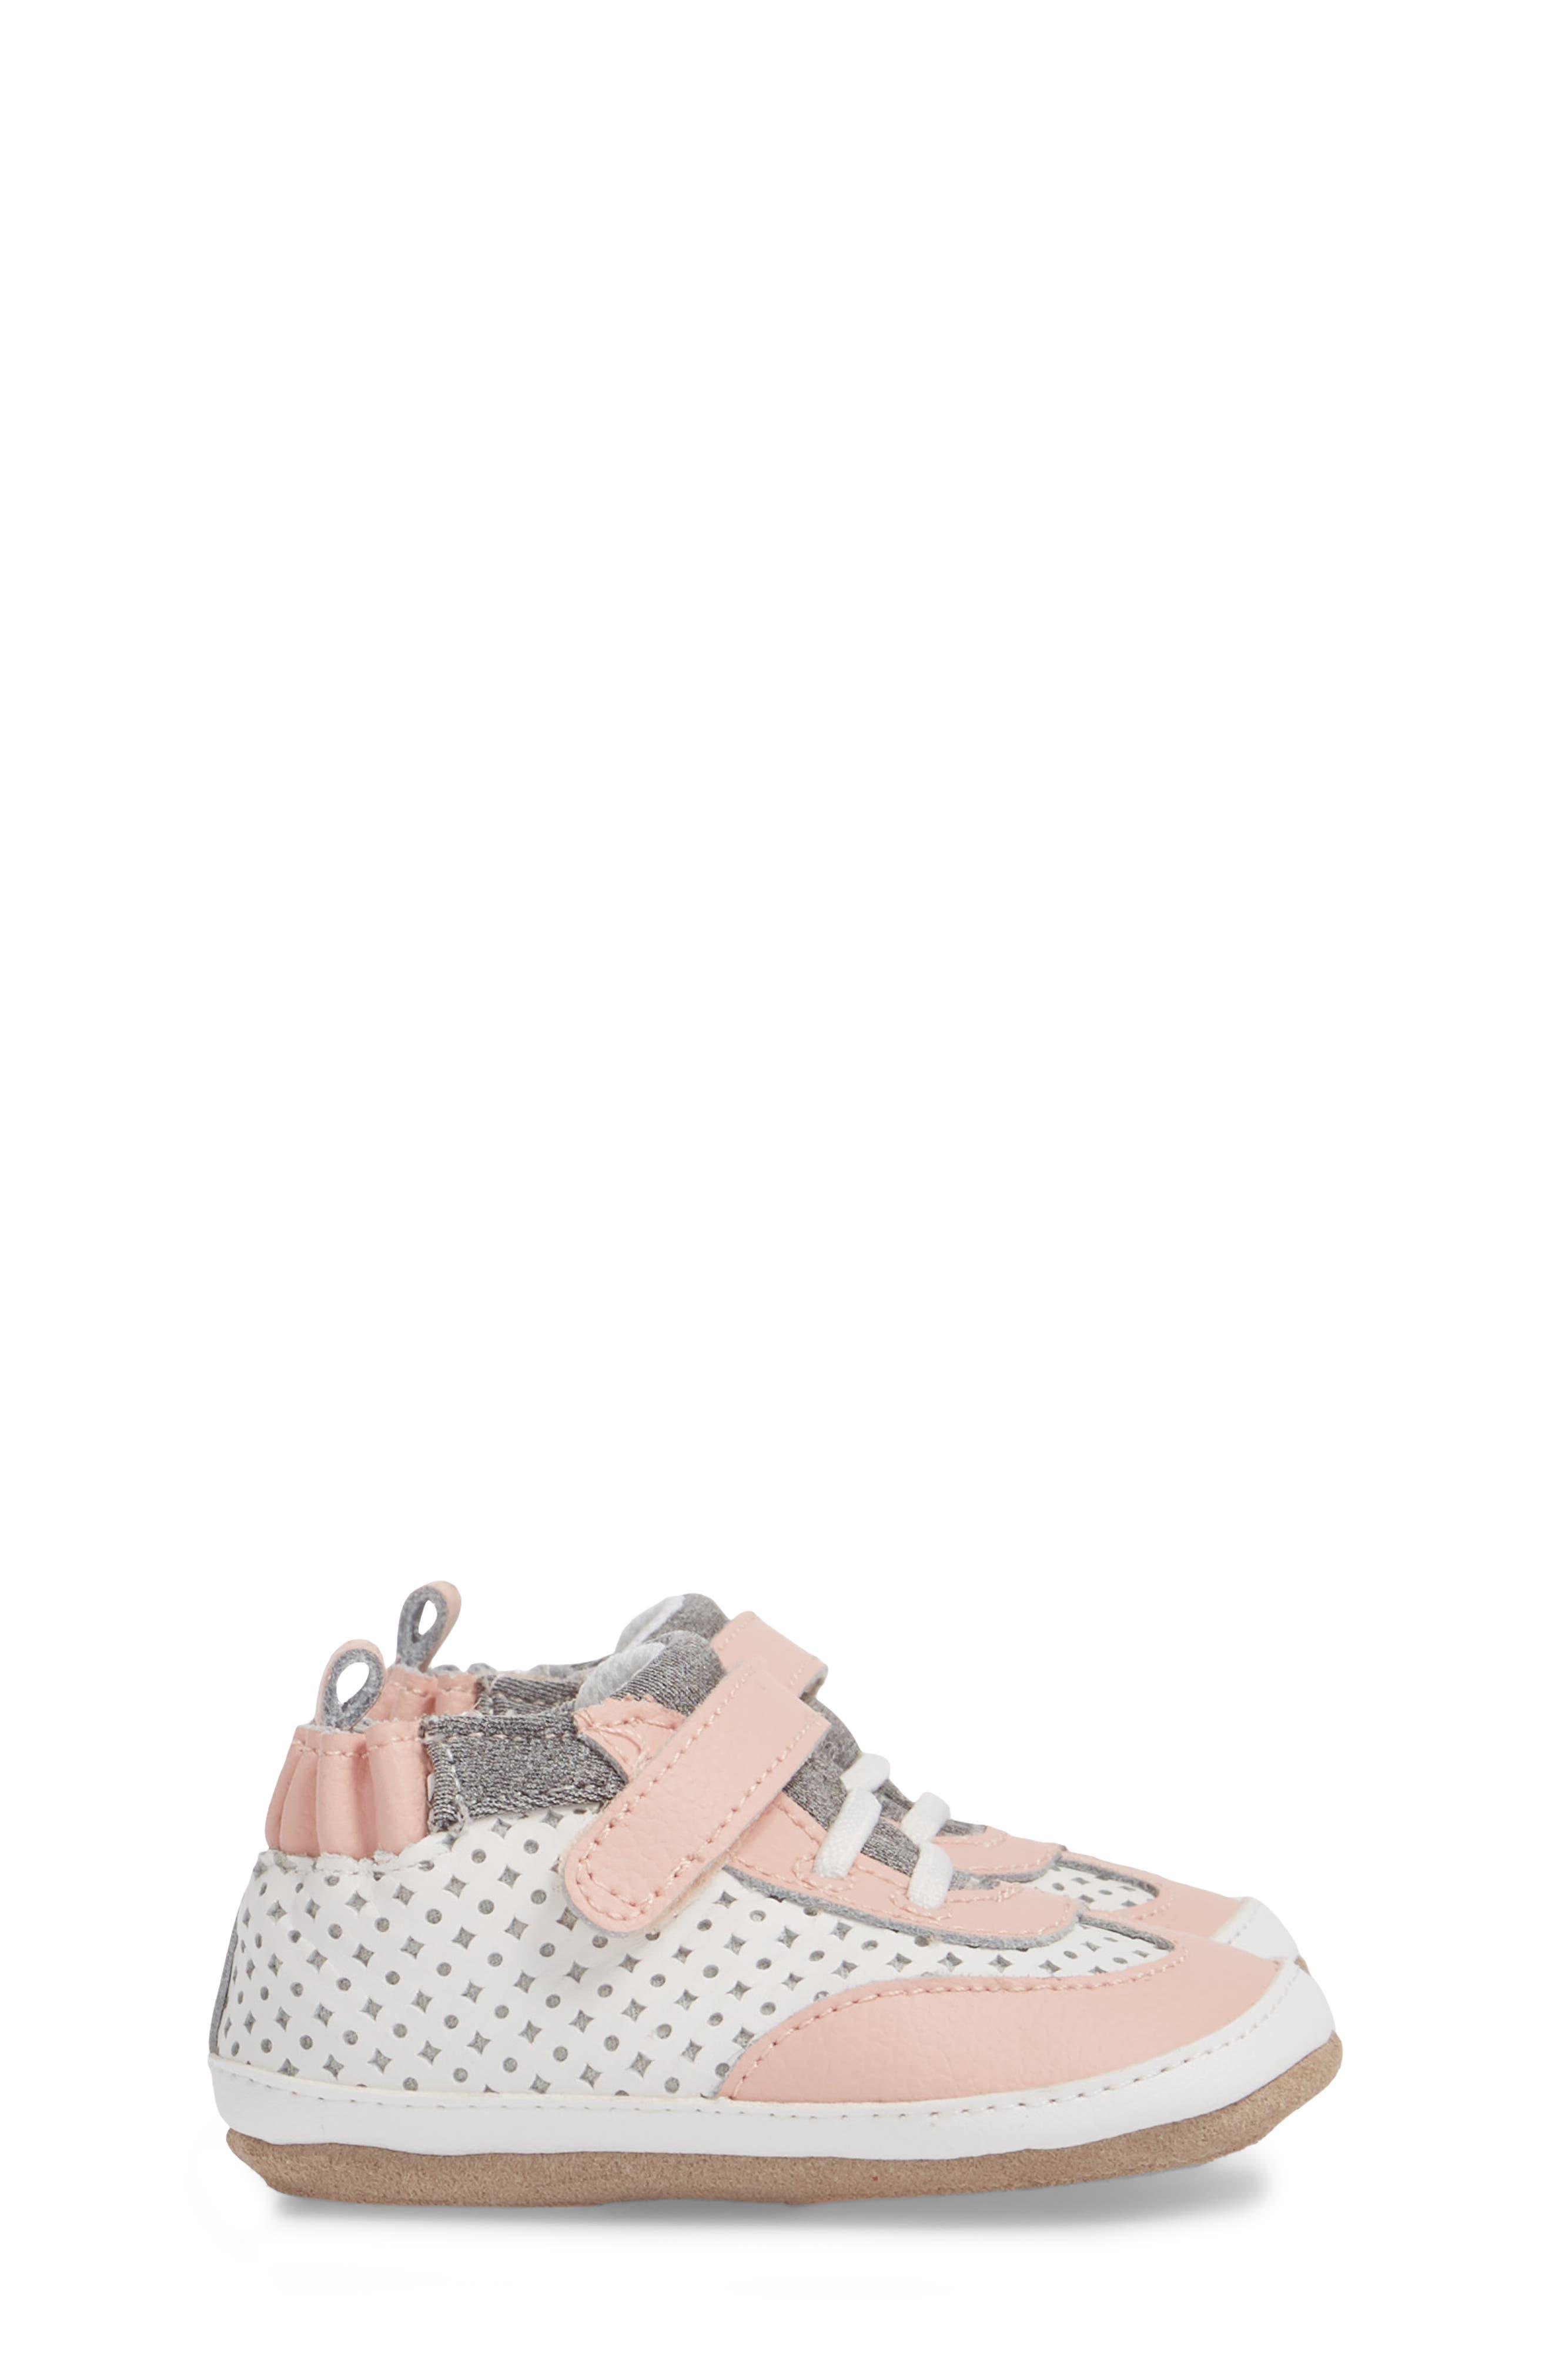 Mini Shoez Katie's Kicks Sneaker,                             Alternate thumbnail 4, color,                             Pink